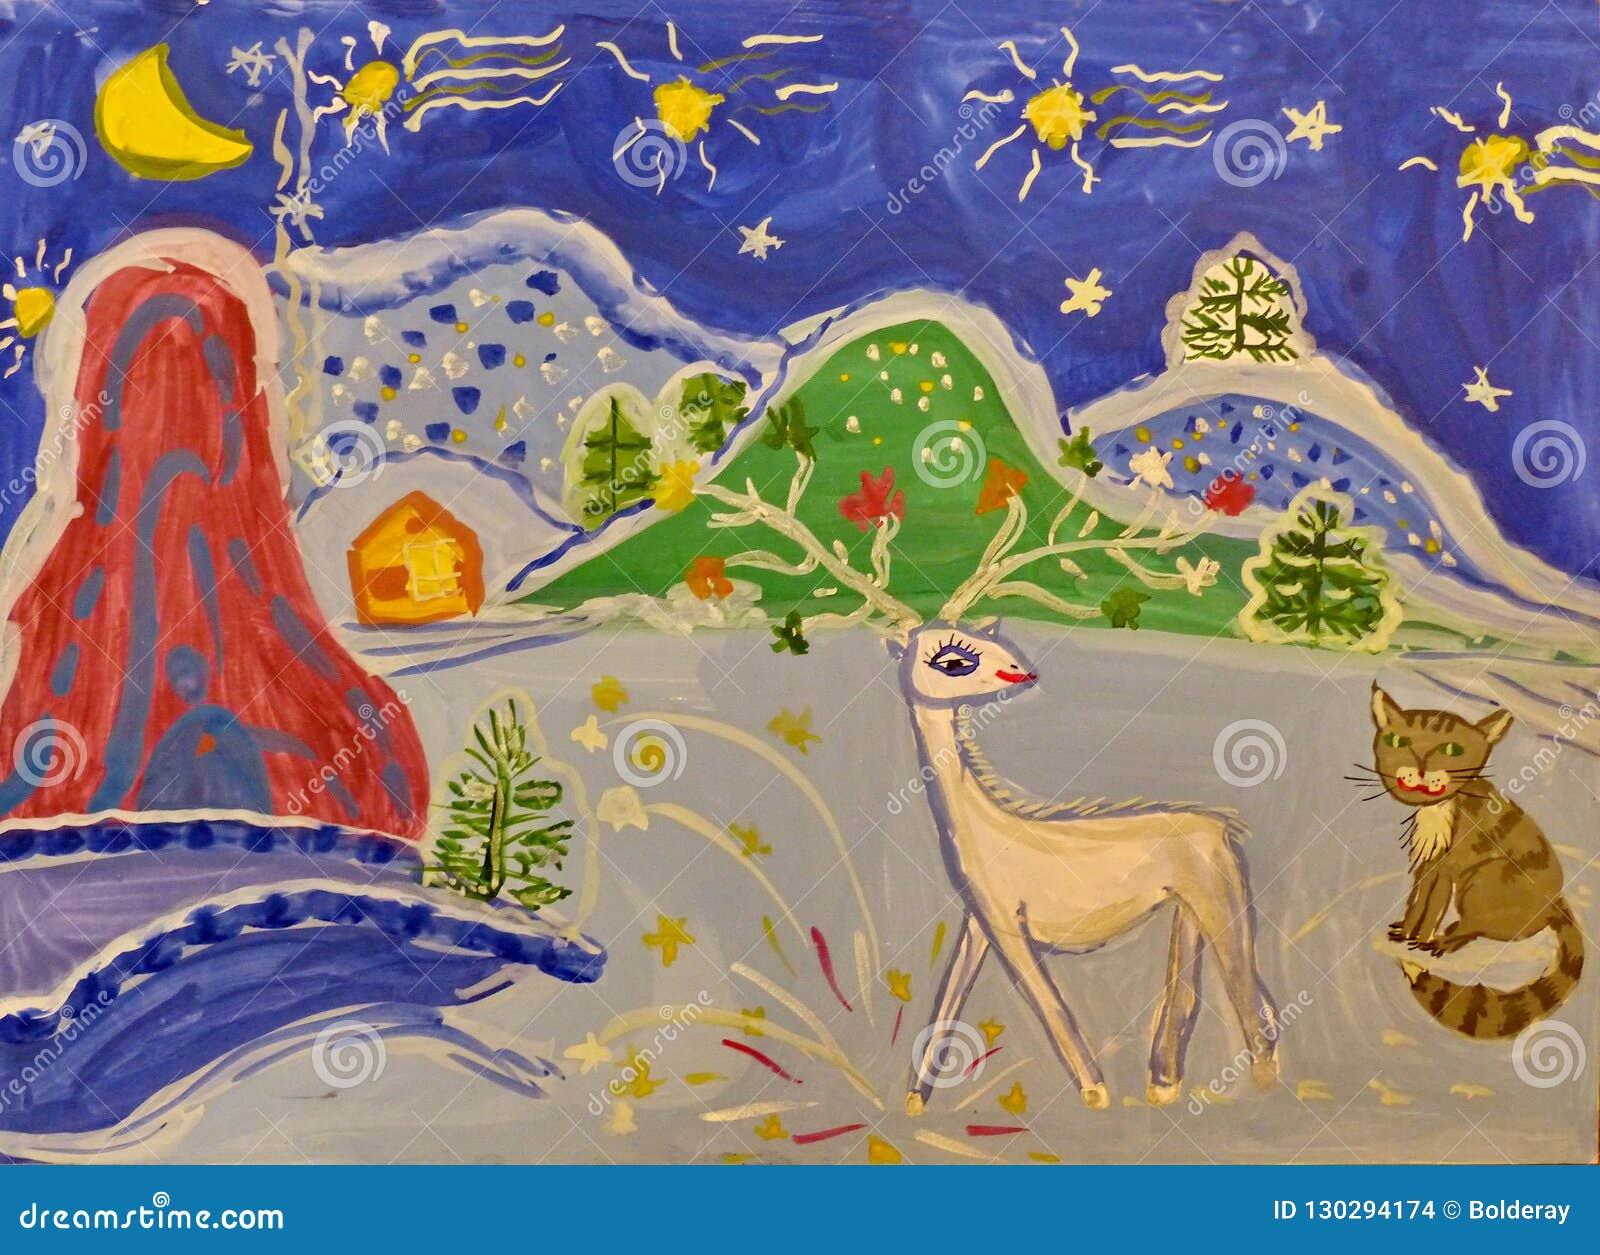 Dziecka rysunek na temacie Ural bajka «srebra kopyto « Guasz, hobby